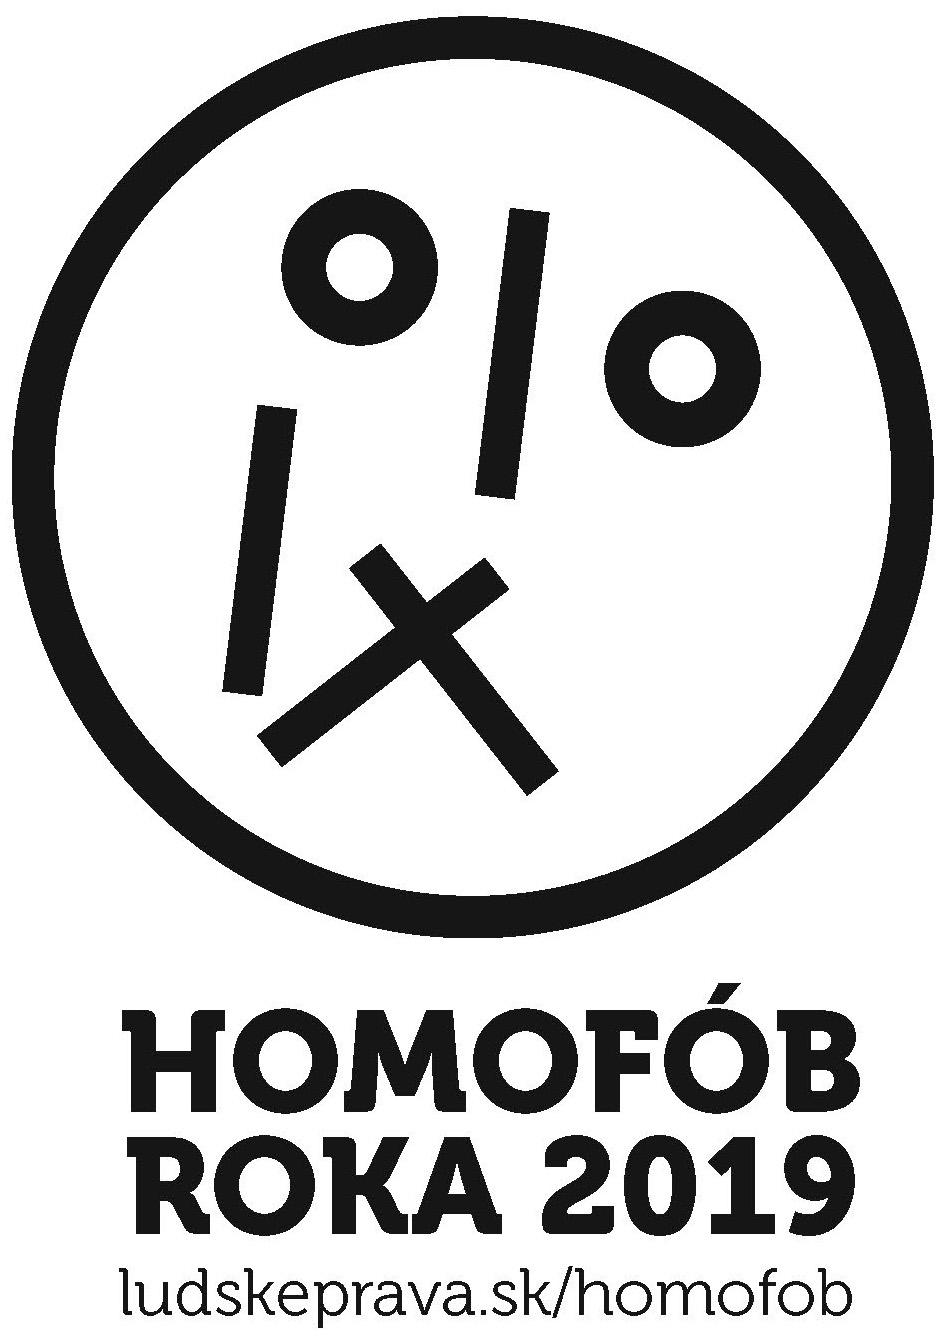 Homofob roka 2019 logo